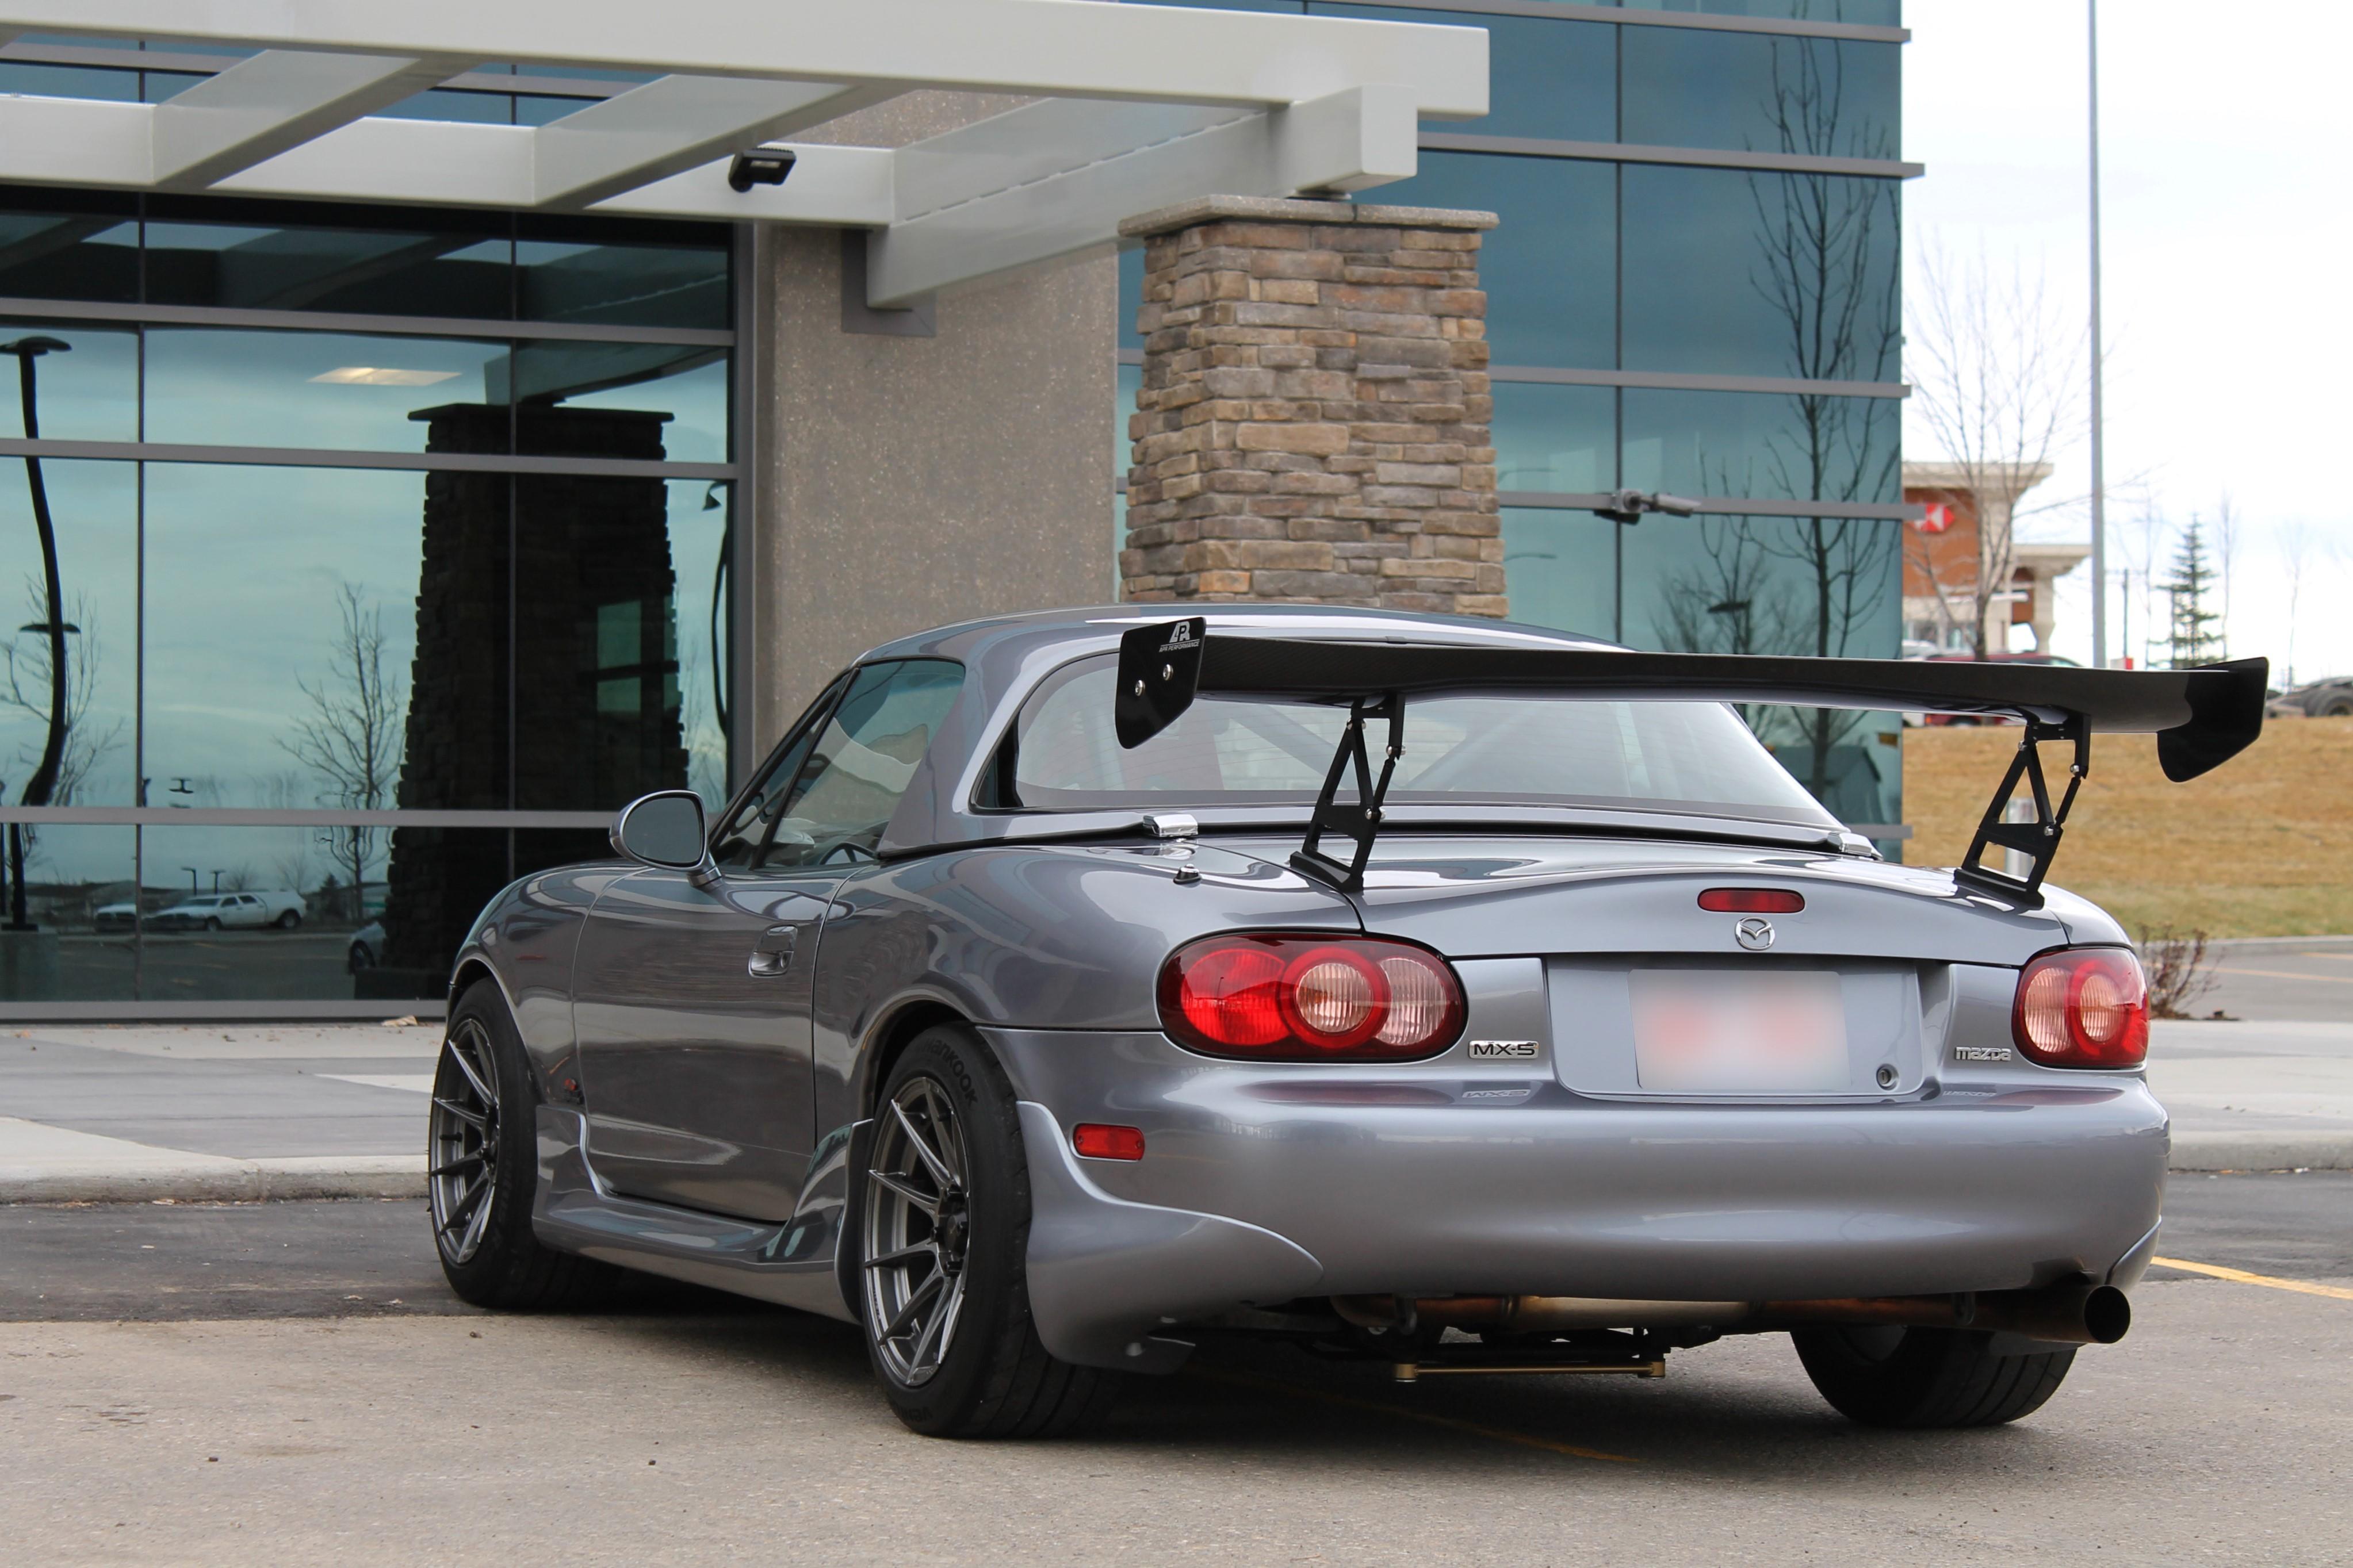 2003 Mazda MX-5 Miata SC\'d (Street/Track) For Sale - $11160